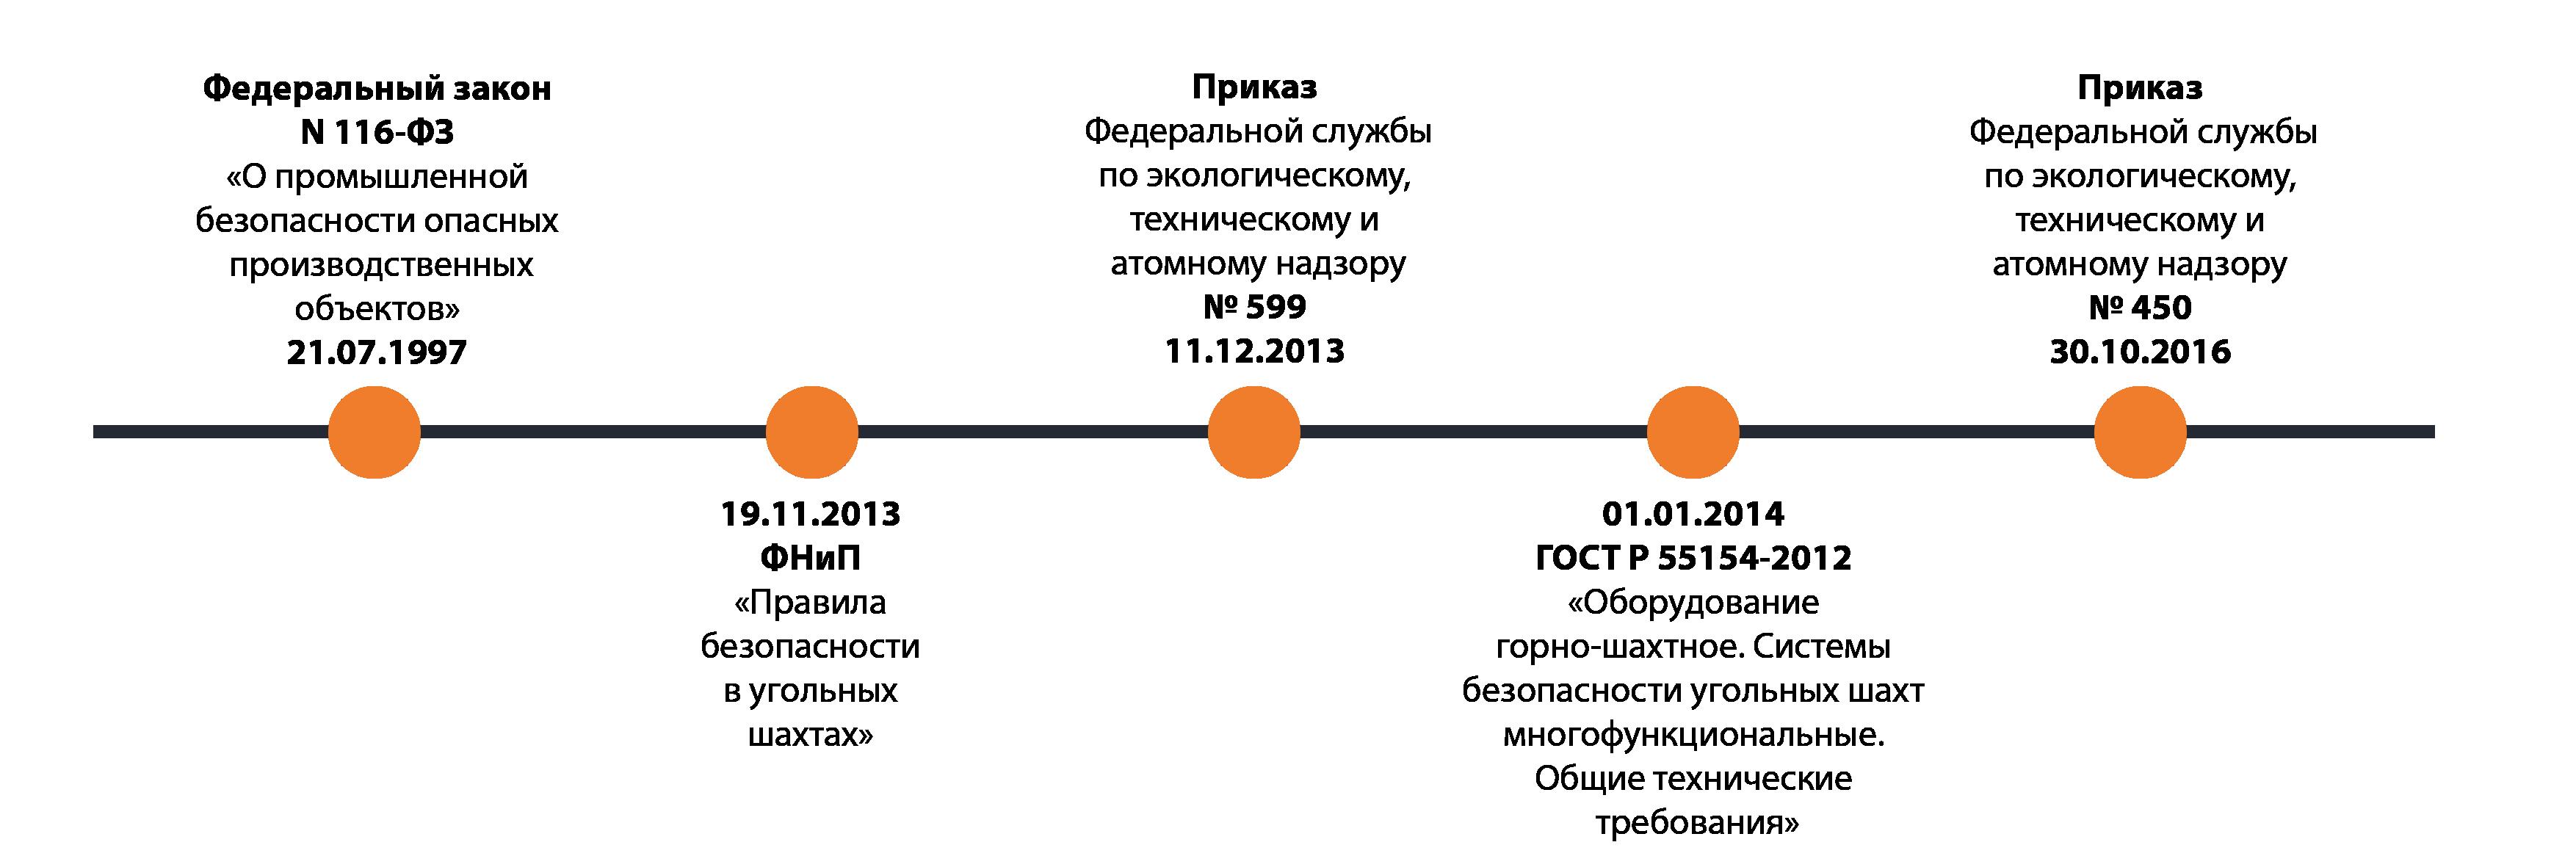 Схема_рисунок 1